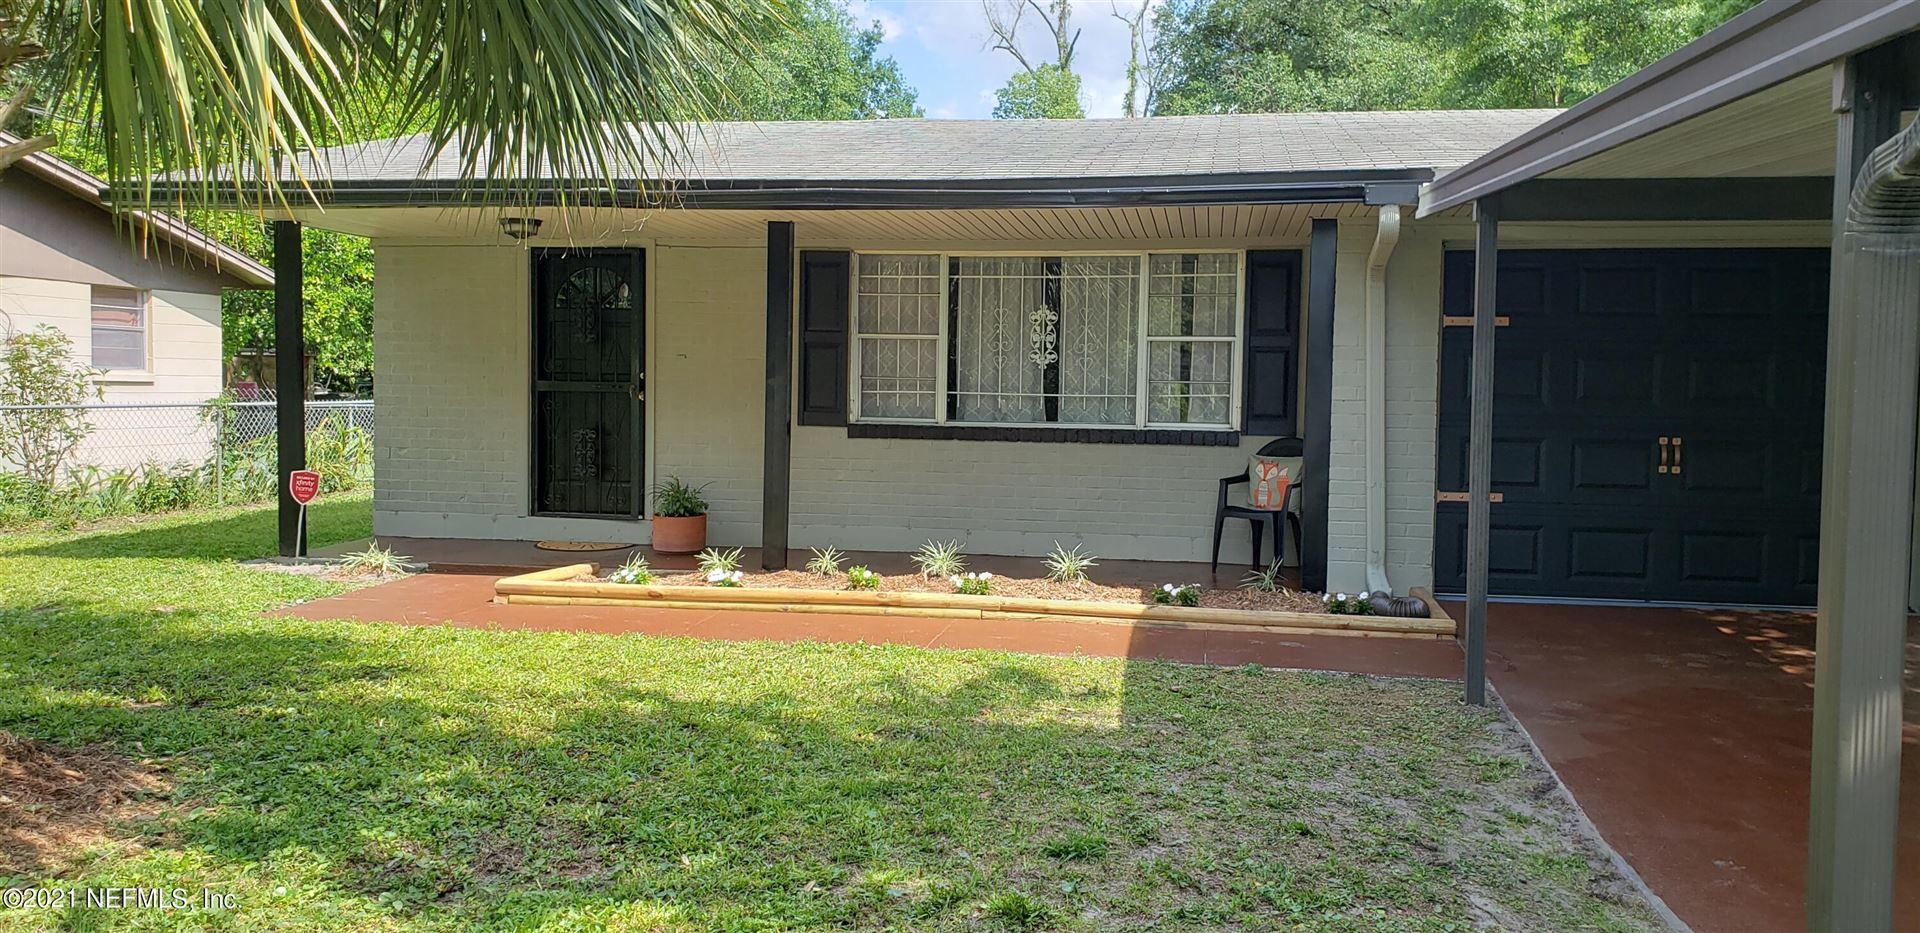 461 HAMMOND BLVD, Jacksonville, FL 32220 - MLS#: 1108622